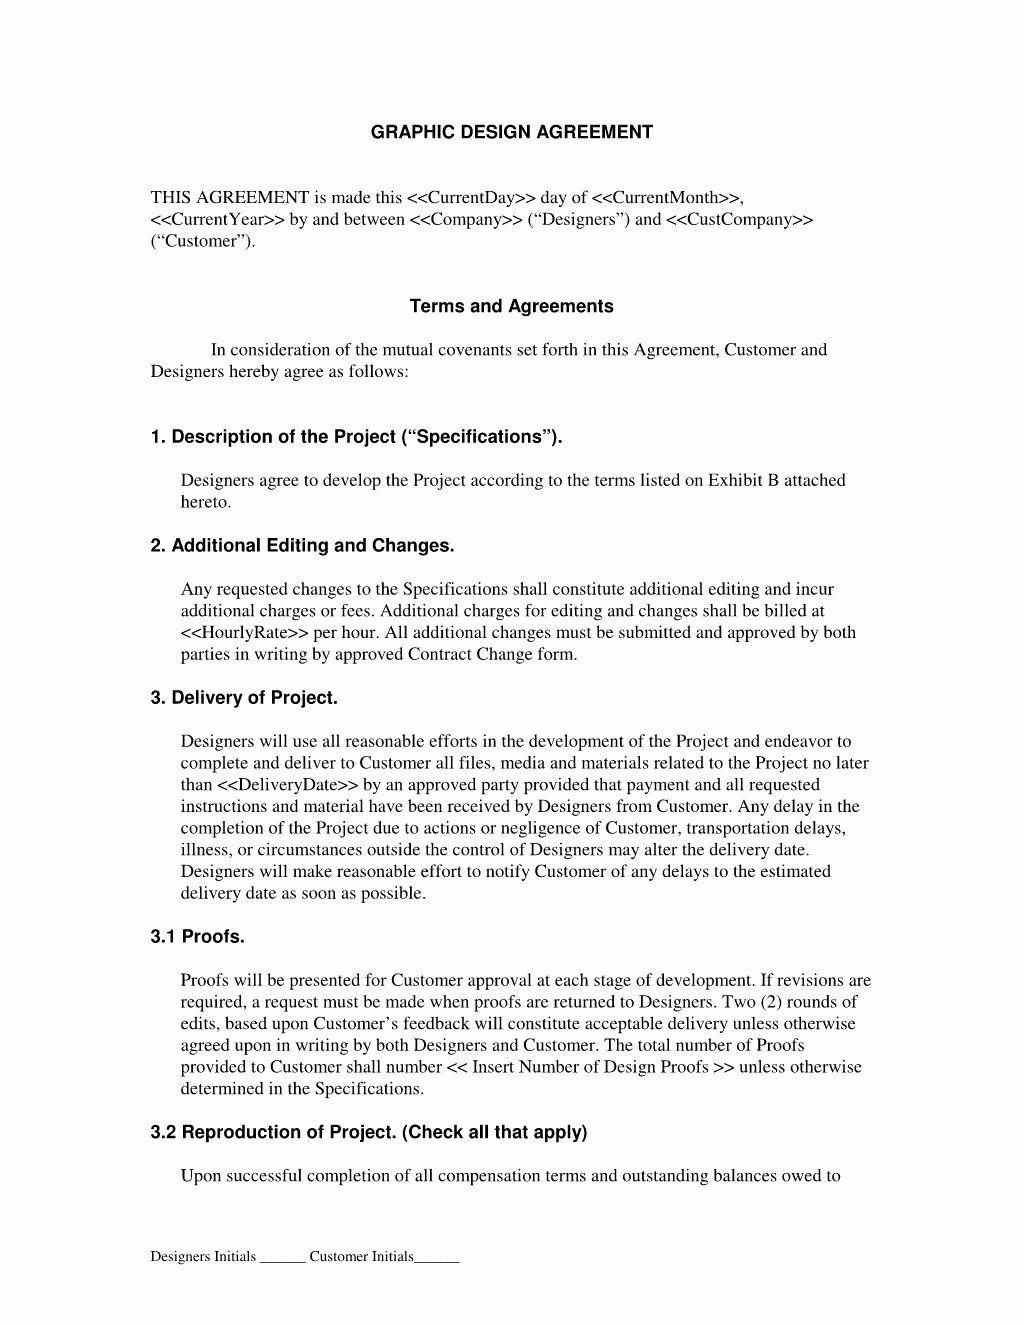 Graphic Design Contract Template Pdf Inspirational Graphic Design Contract Agreement In 2020 Contract Template Free Graphic Design Freelance Graphic Design